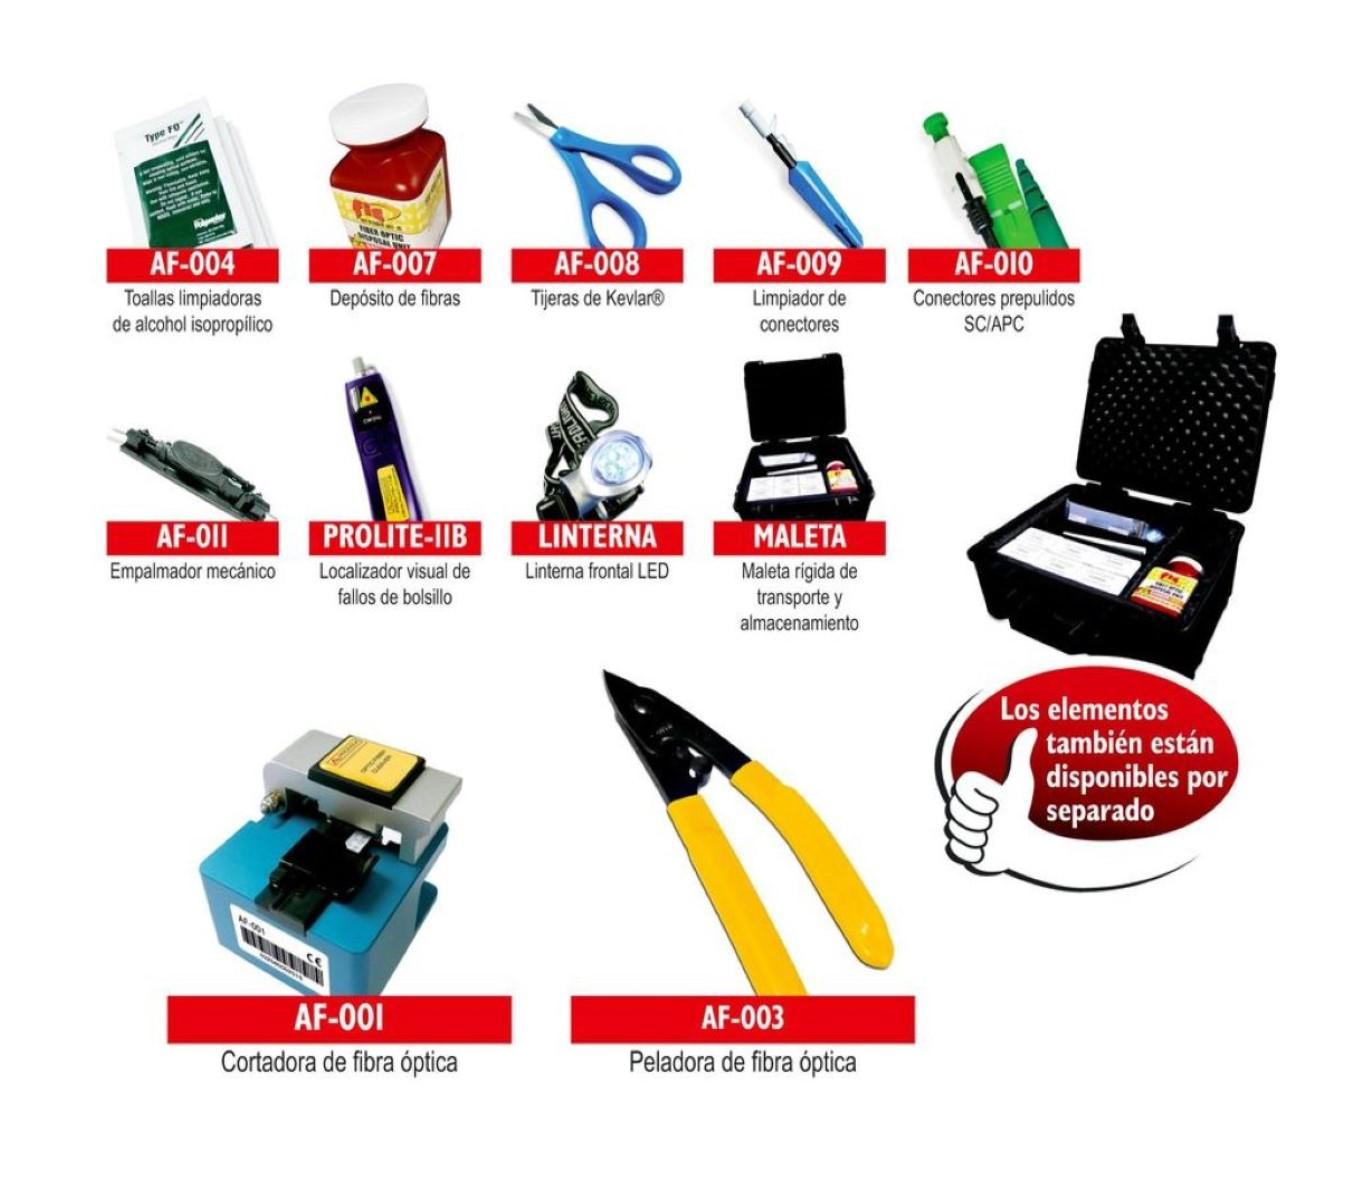 Kit de conectorización ProMax PL-10